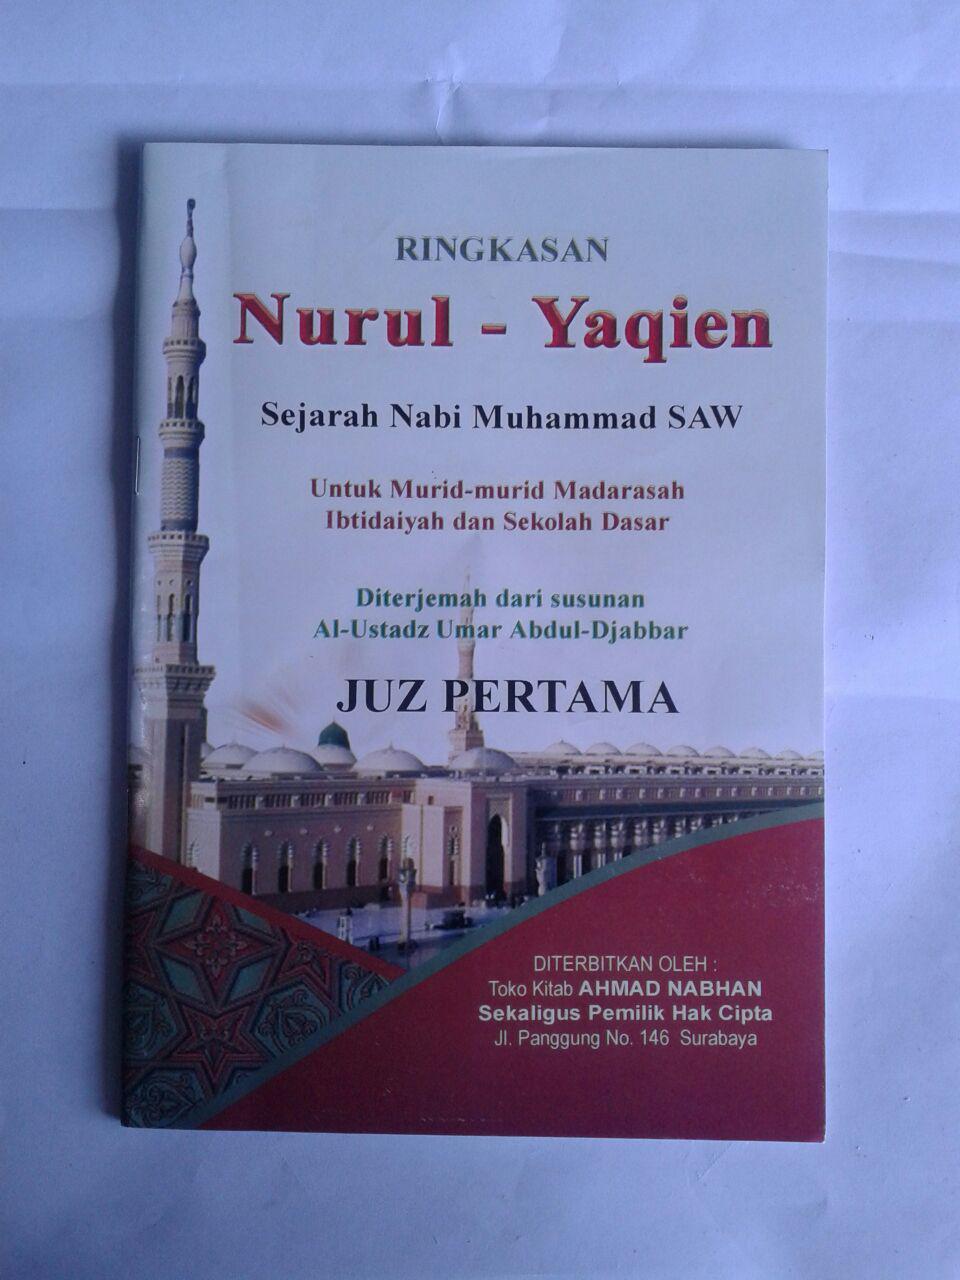 Buku Ringkasan Nurul Yaqien Sejarah Nabi Muhammad Set 3 Jilid cover 3